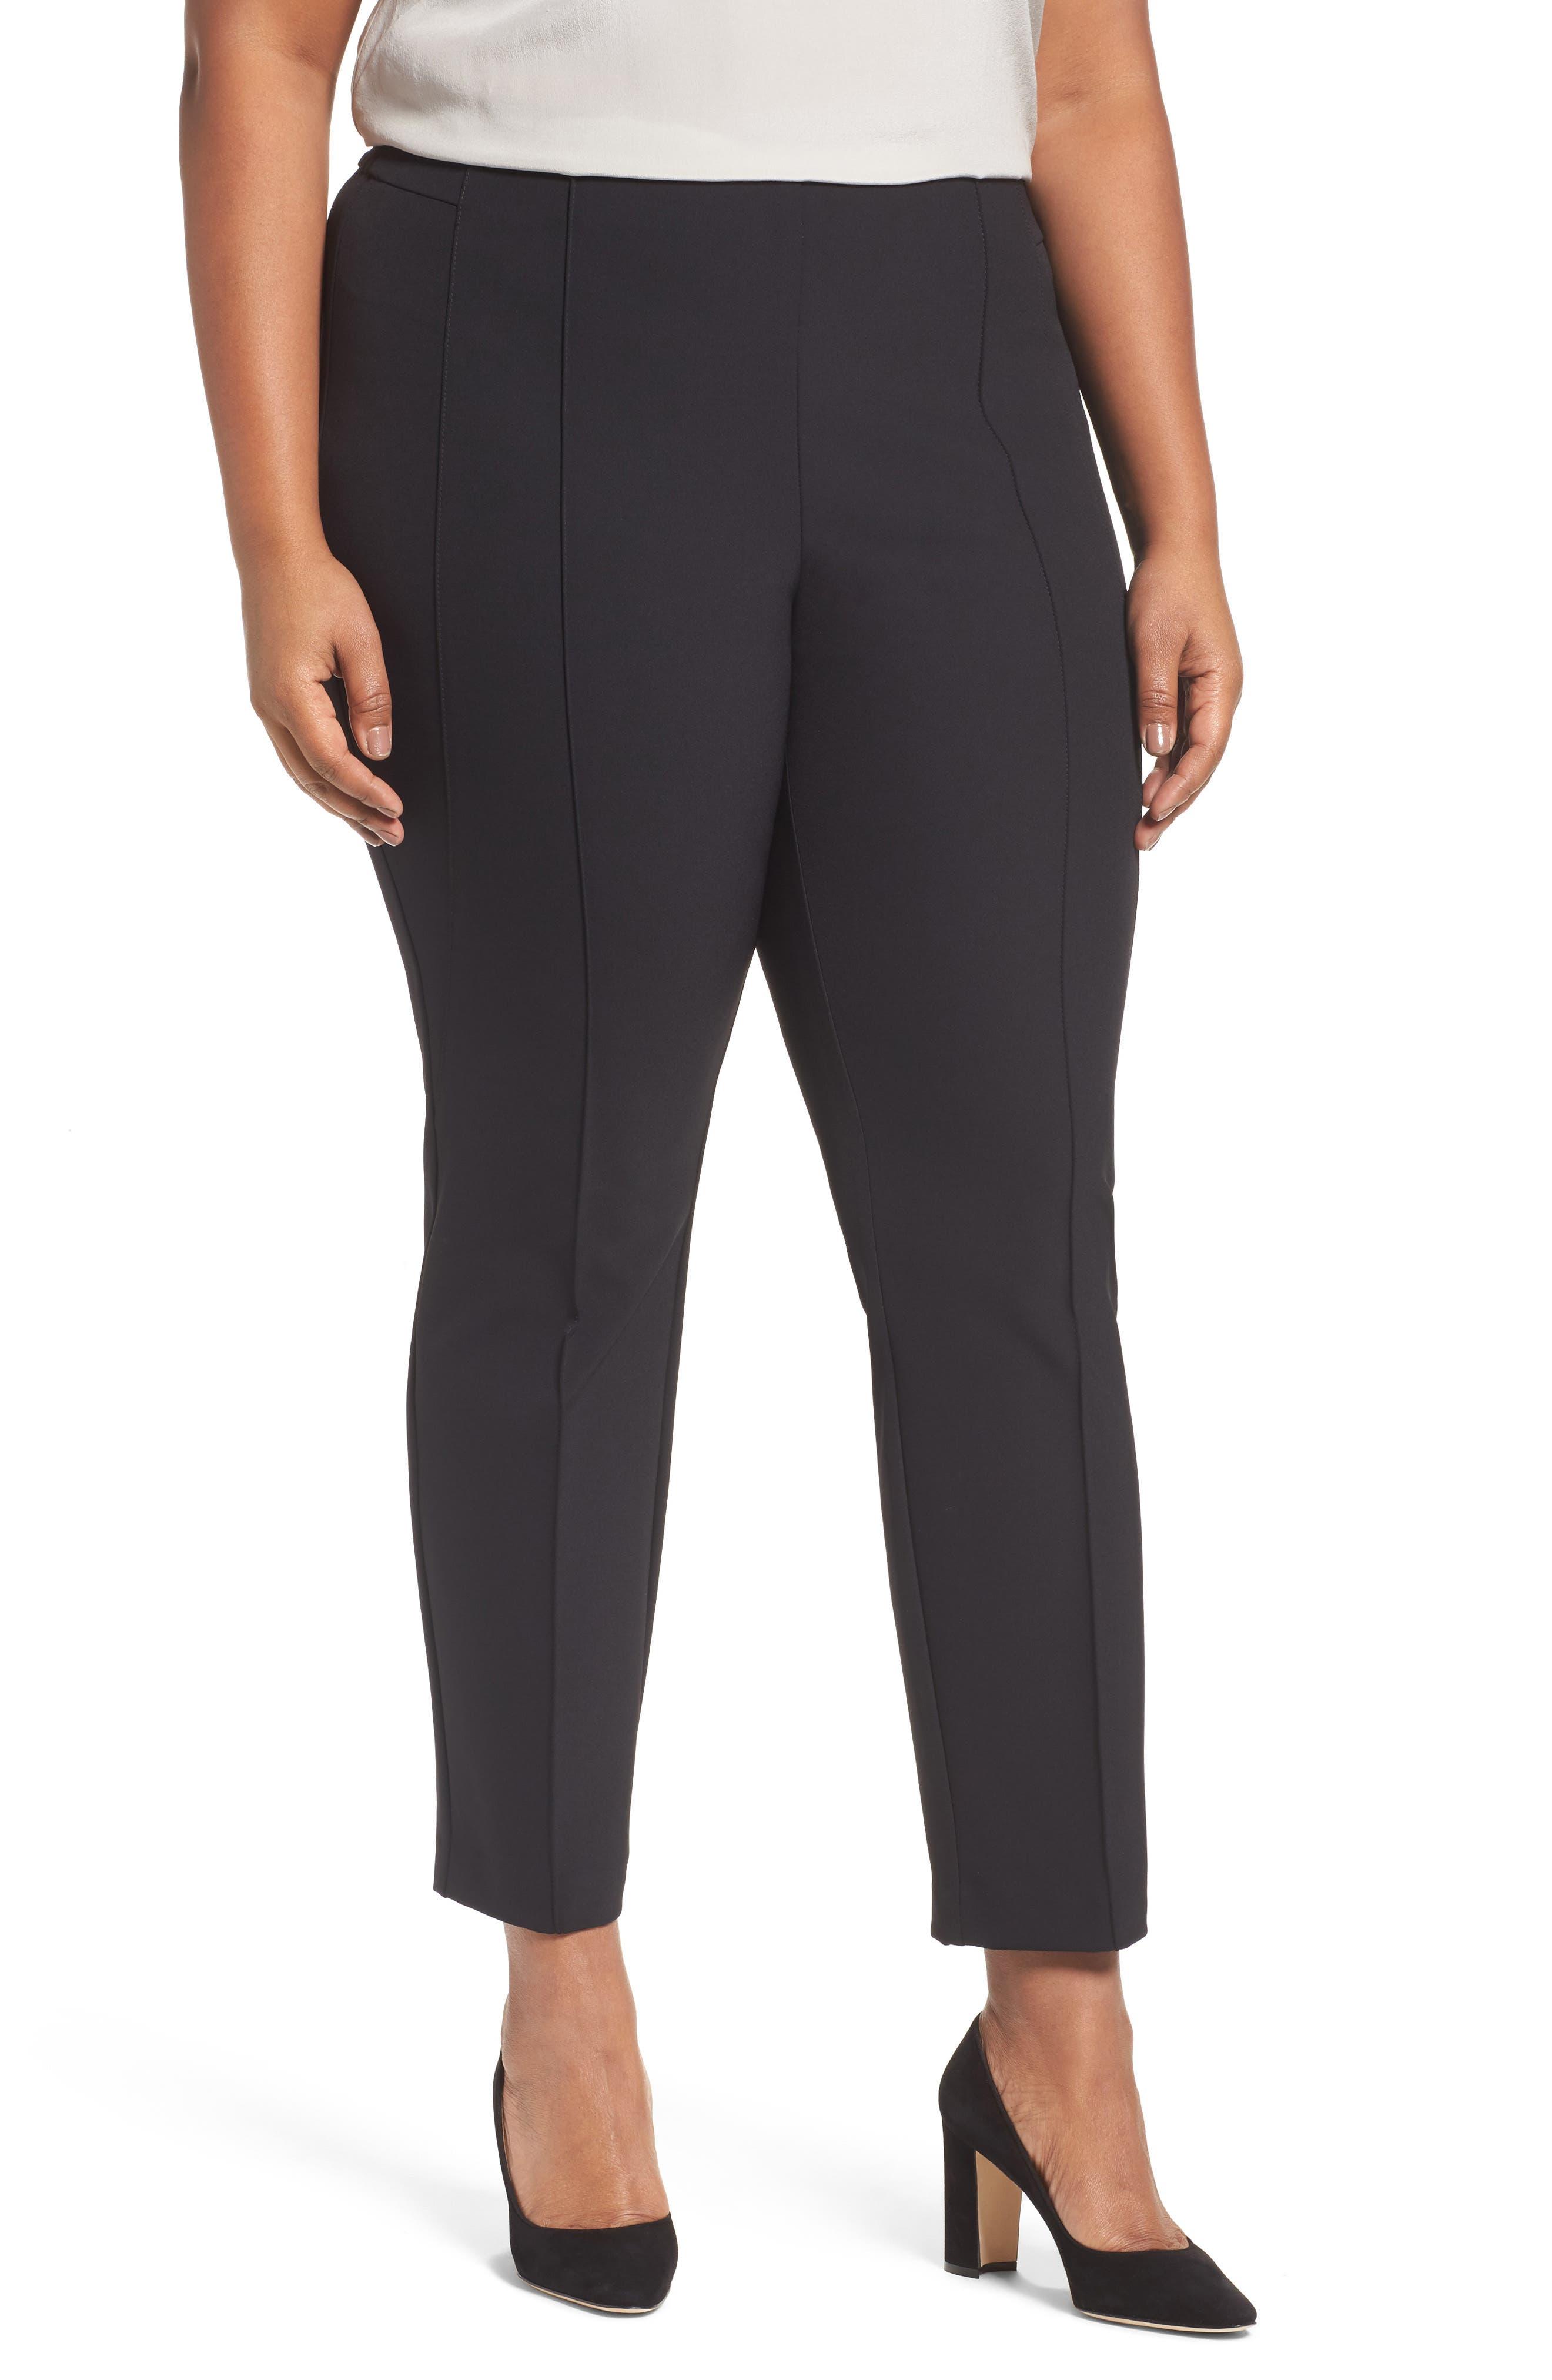 Plus  Women's Lafayette 148 New York Acclaimed Gramercy Stretch Pants,  18W - Black